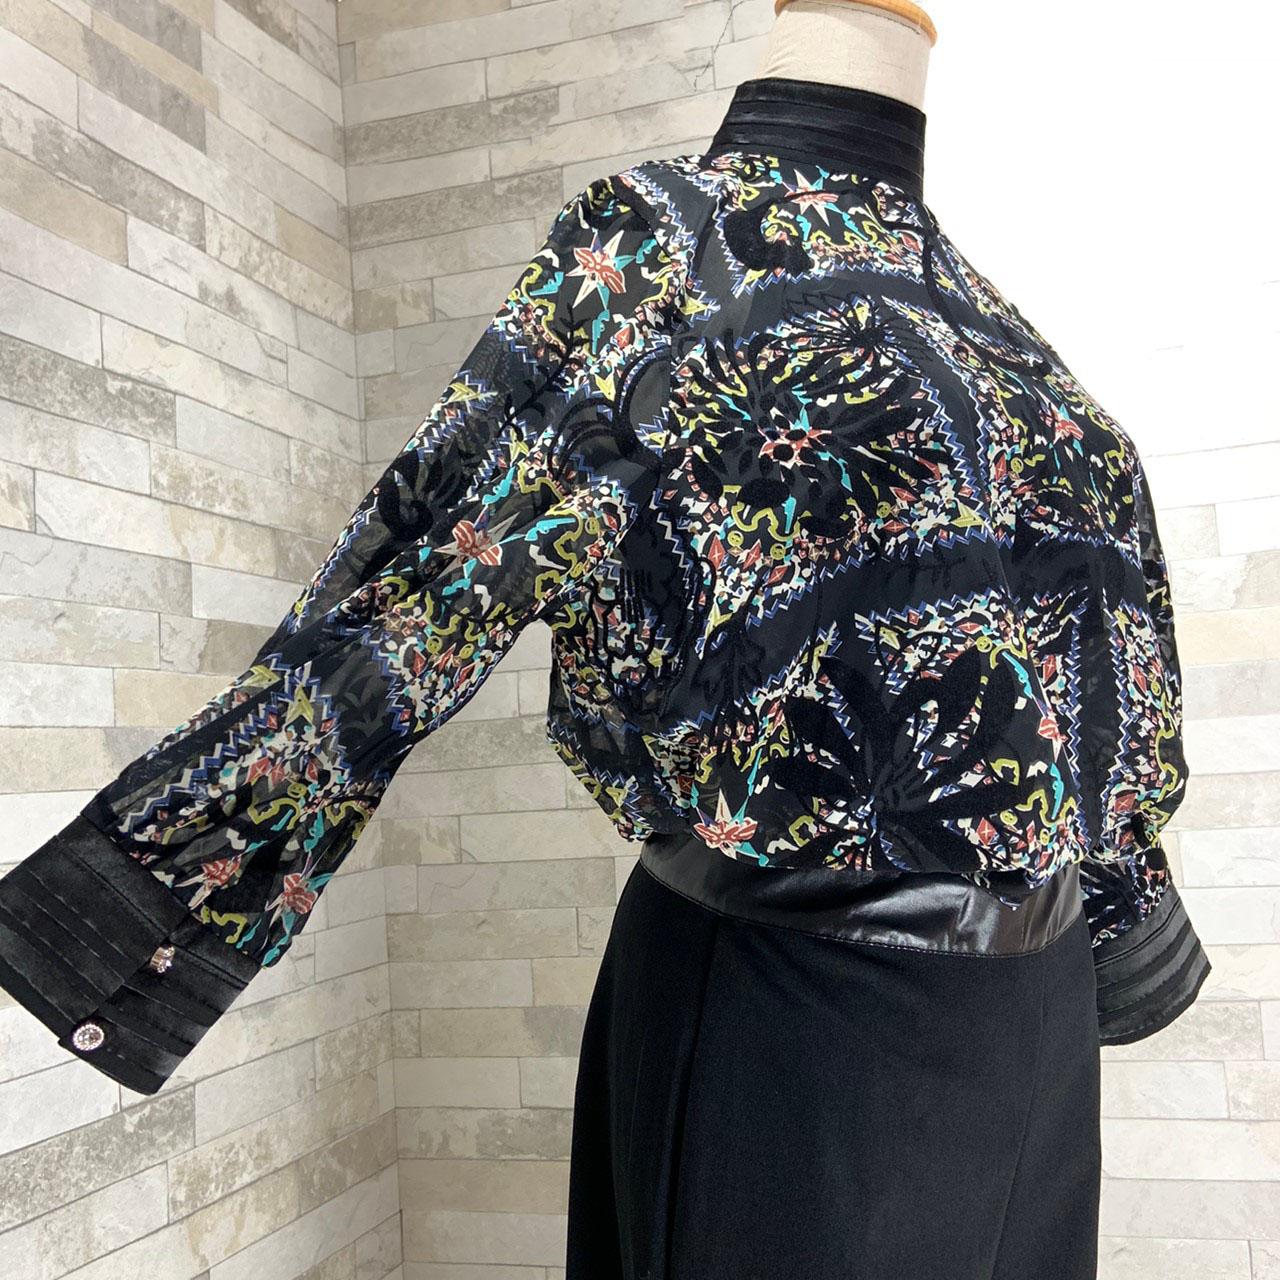 【即納】韓国 ファッション パンツ セットアップ パーティードレス 結婚式 お呼ばれドレス 秋 夏 春 パーティー ブライダル SPTX7230  エレガント シースルー ロ 二次会 セレブ きれいめの写真9枚目